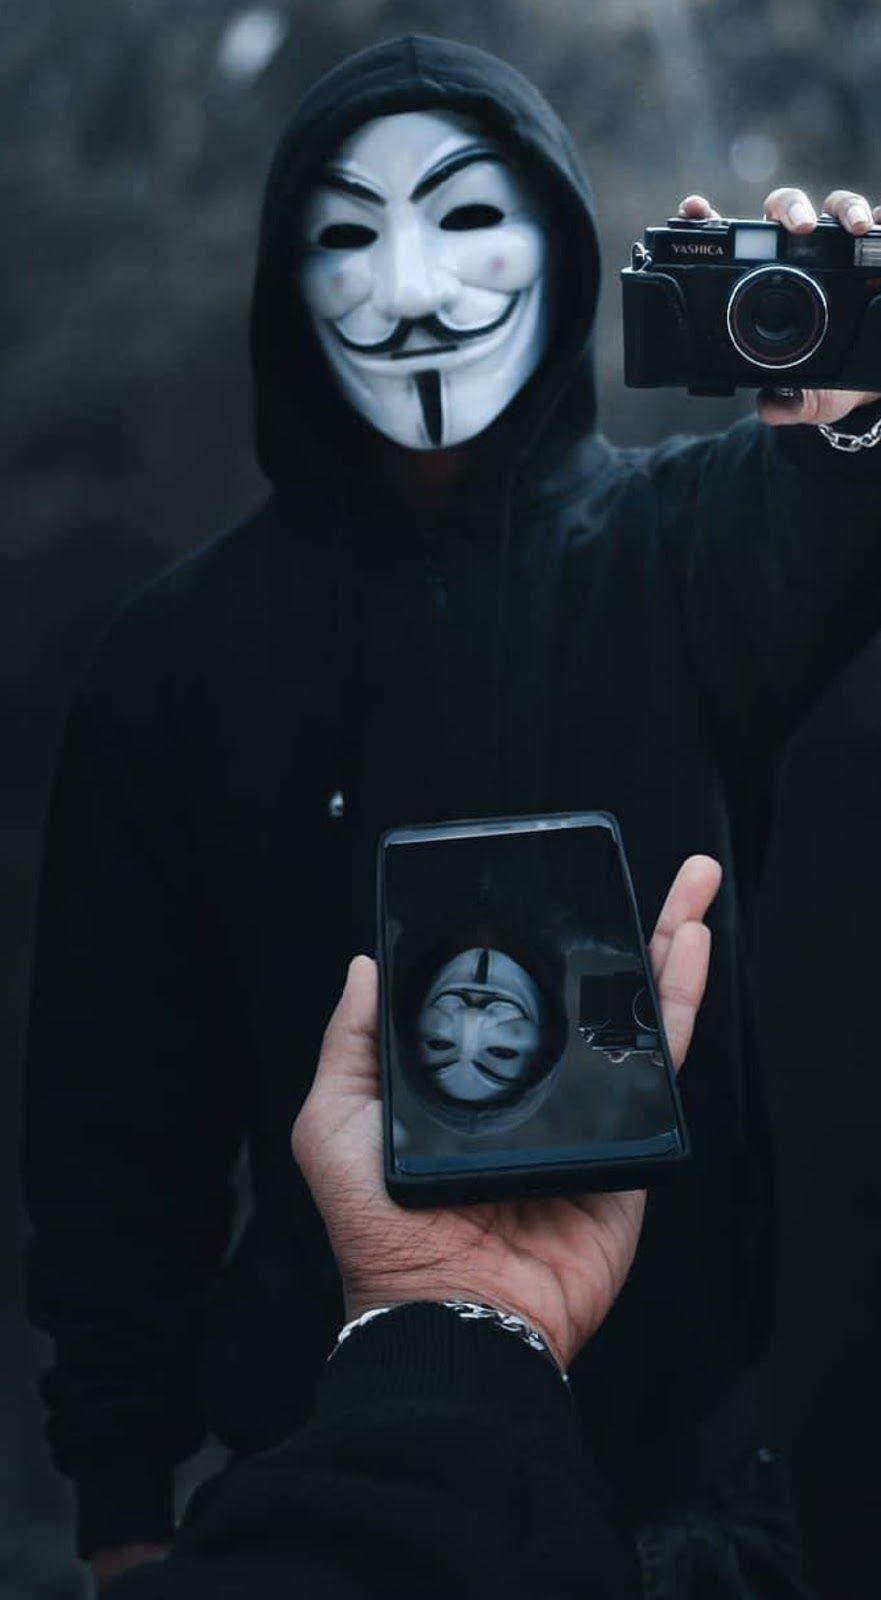 Ảnh Hacker ẩn danh Anonymous